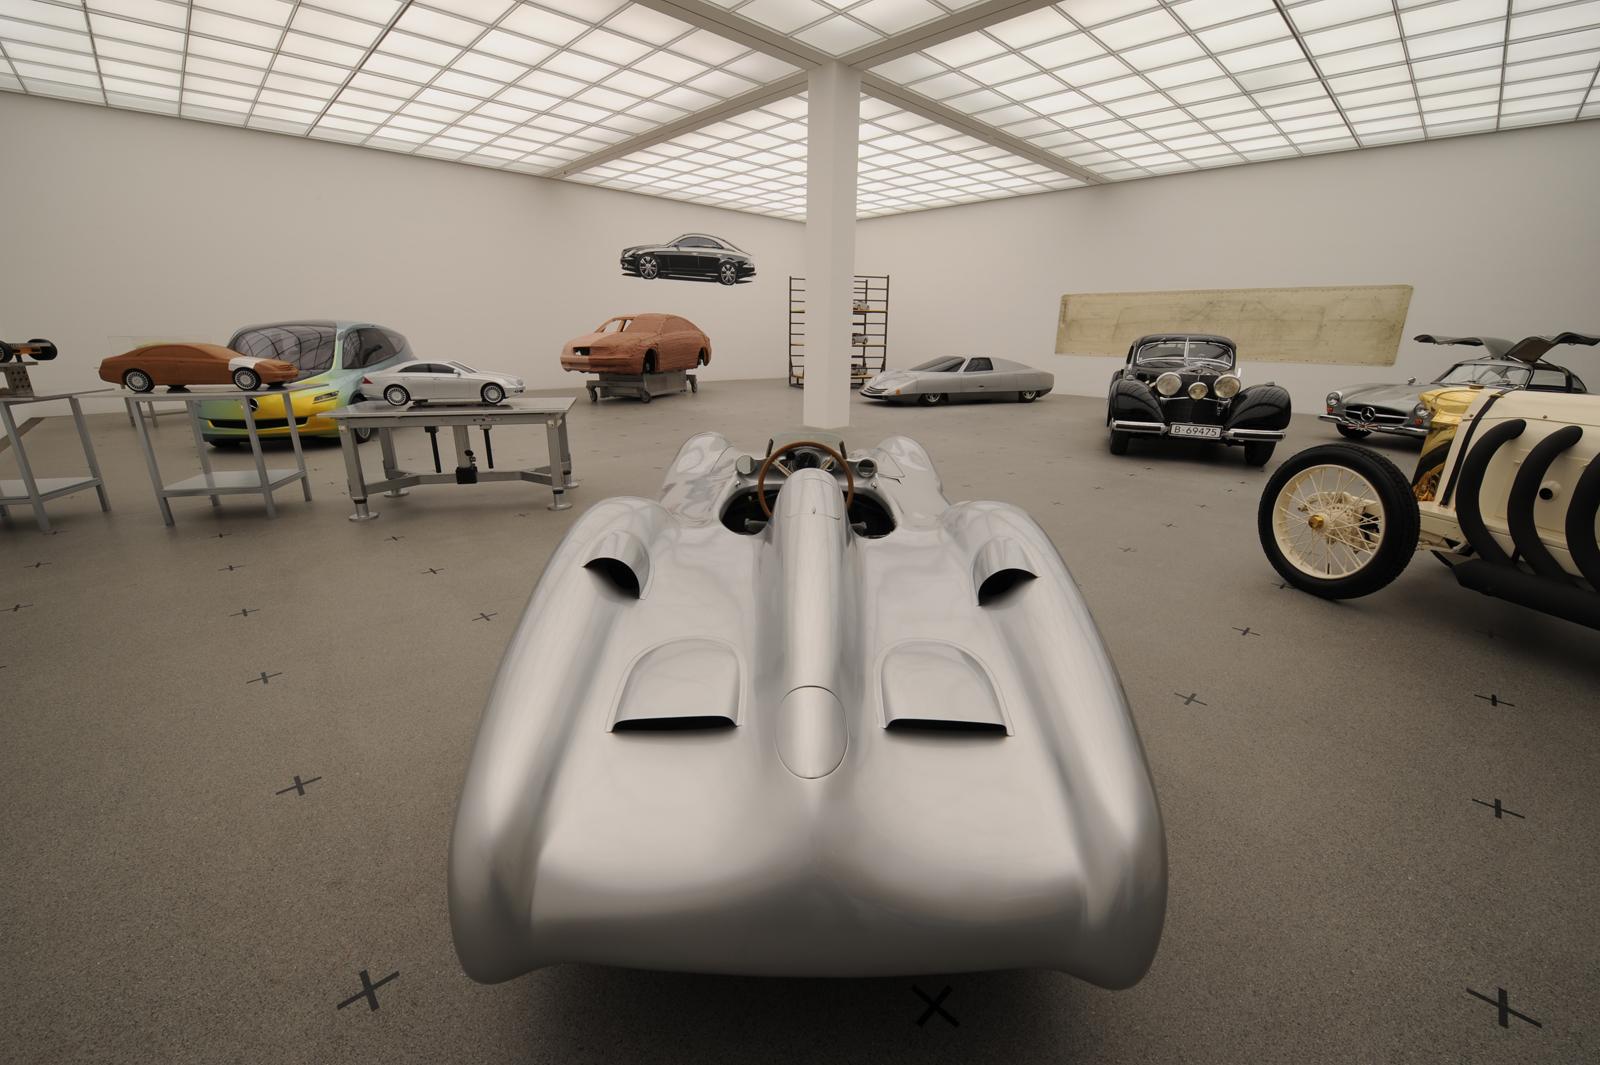 """Выставка """"вехи истории автомобильного дизайна - пример Mercedes-Benz"""" в Pinakothek der Moderne) в Мюнхене - фотография №6"""